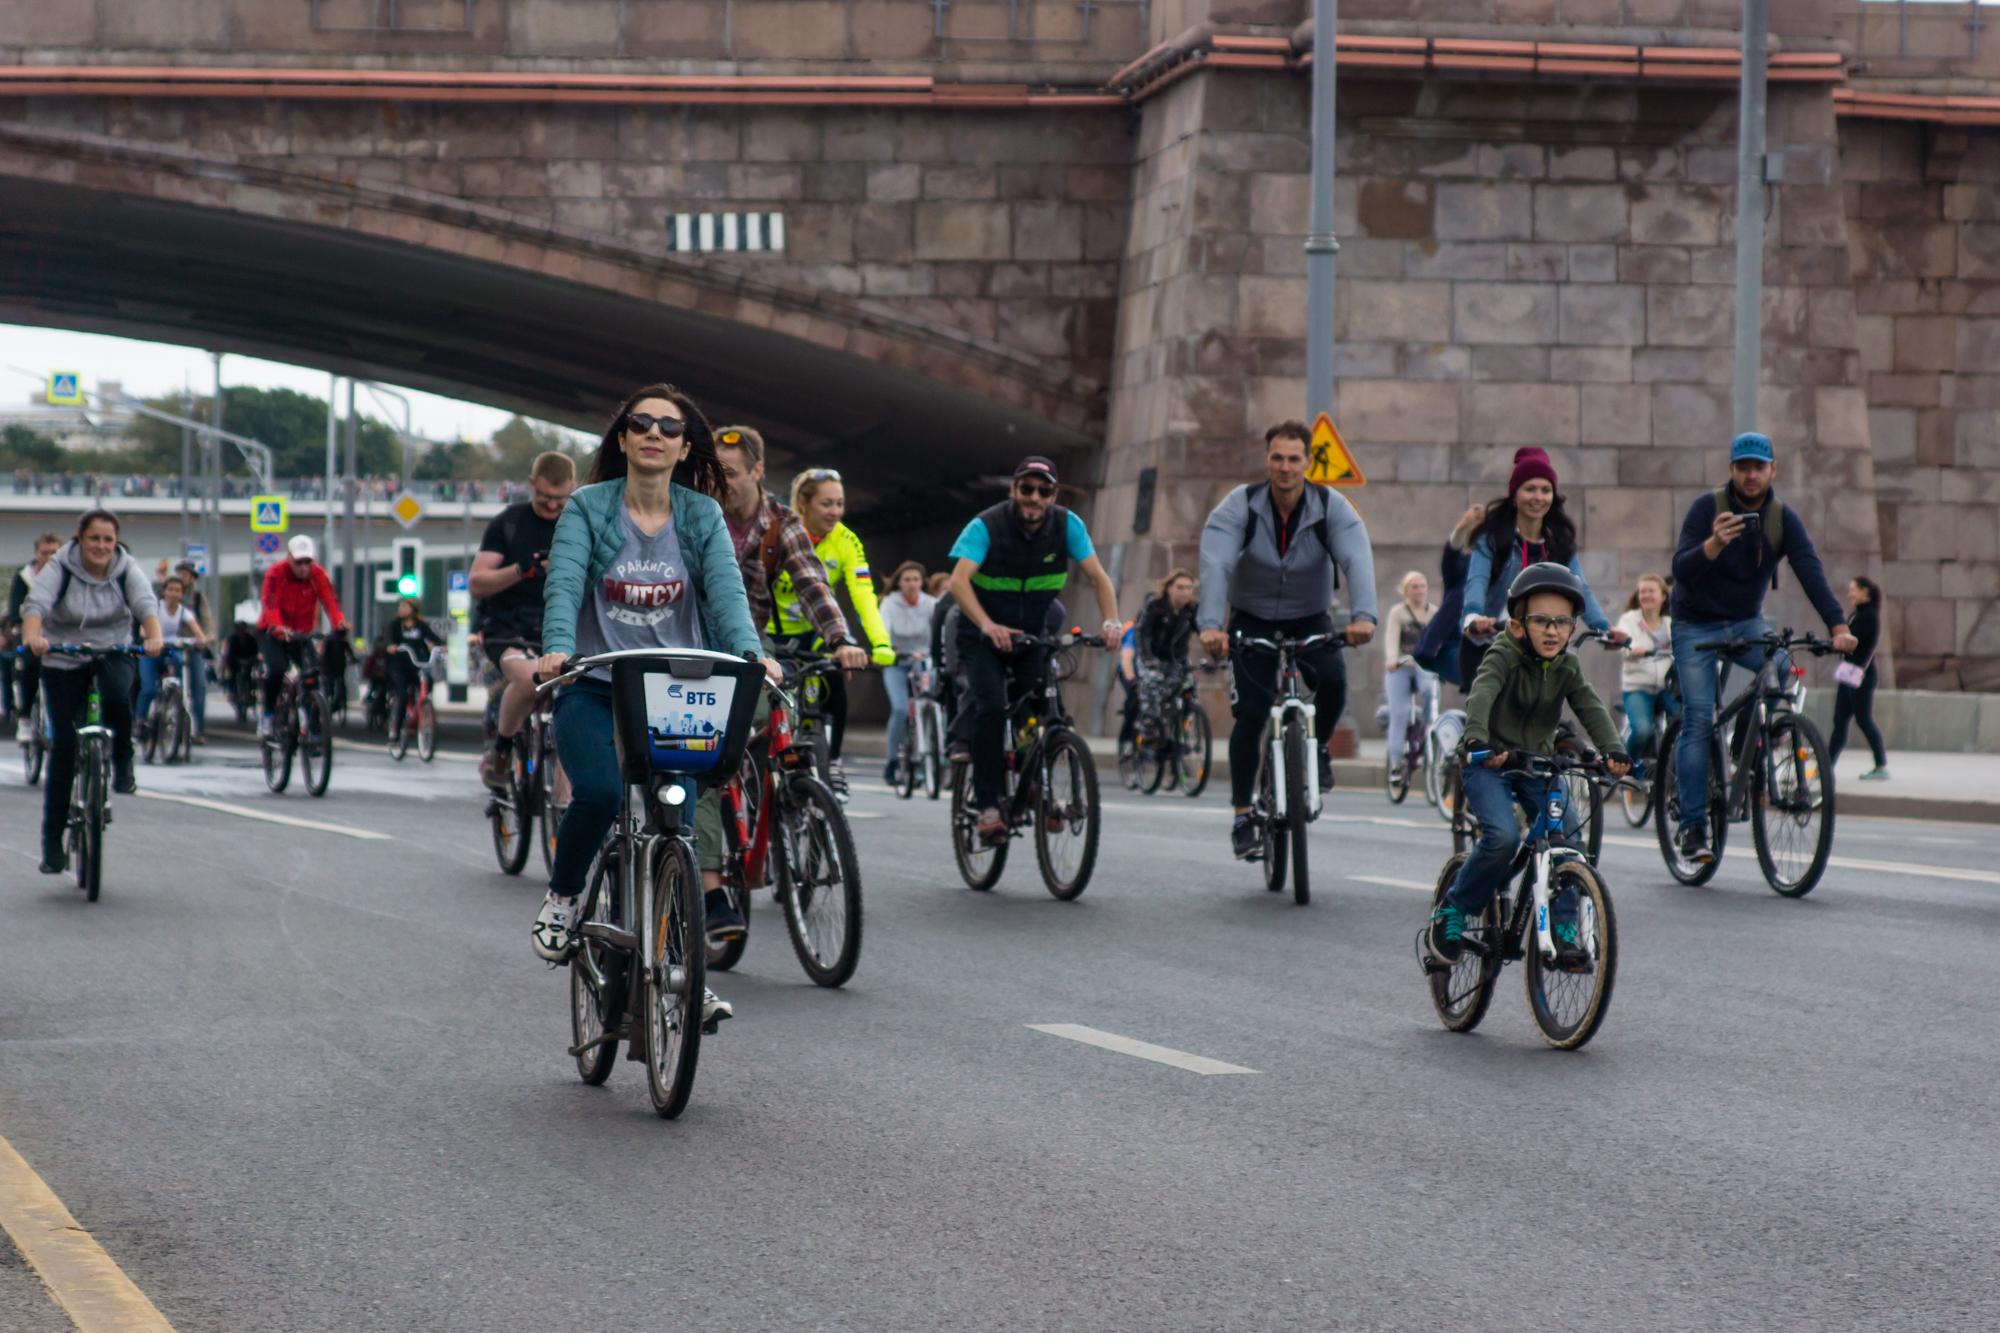 ехали на велосипедах целые семьи и компании